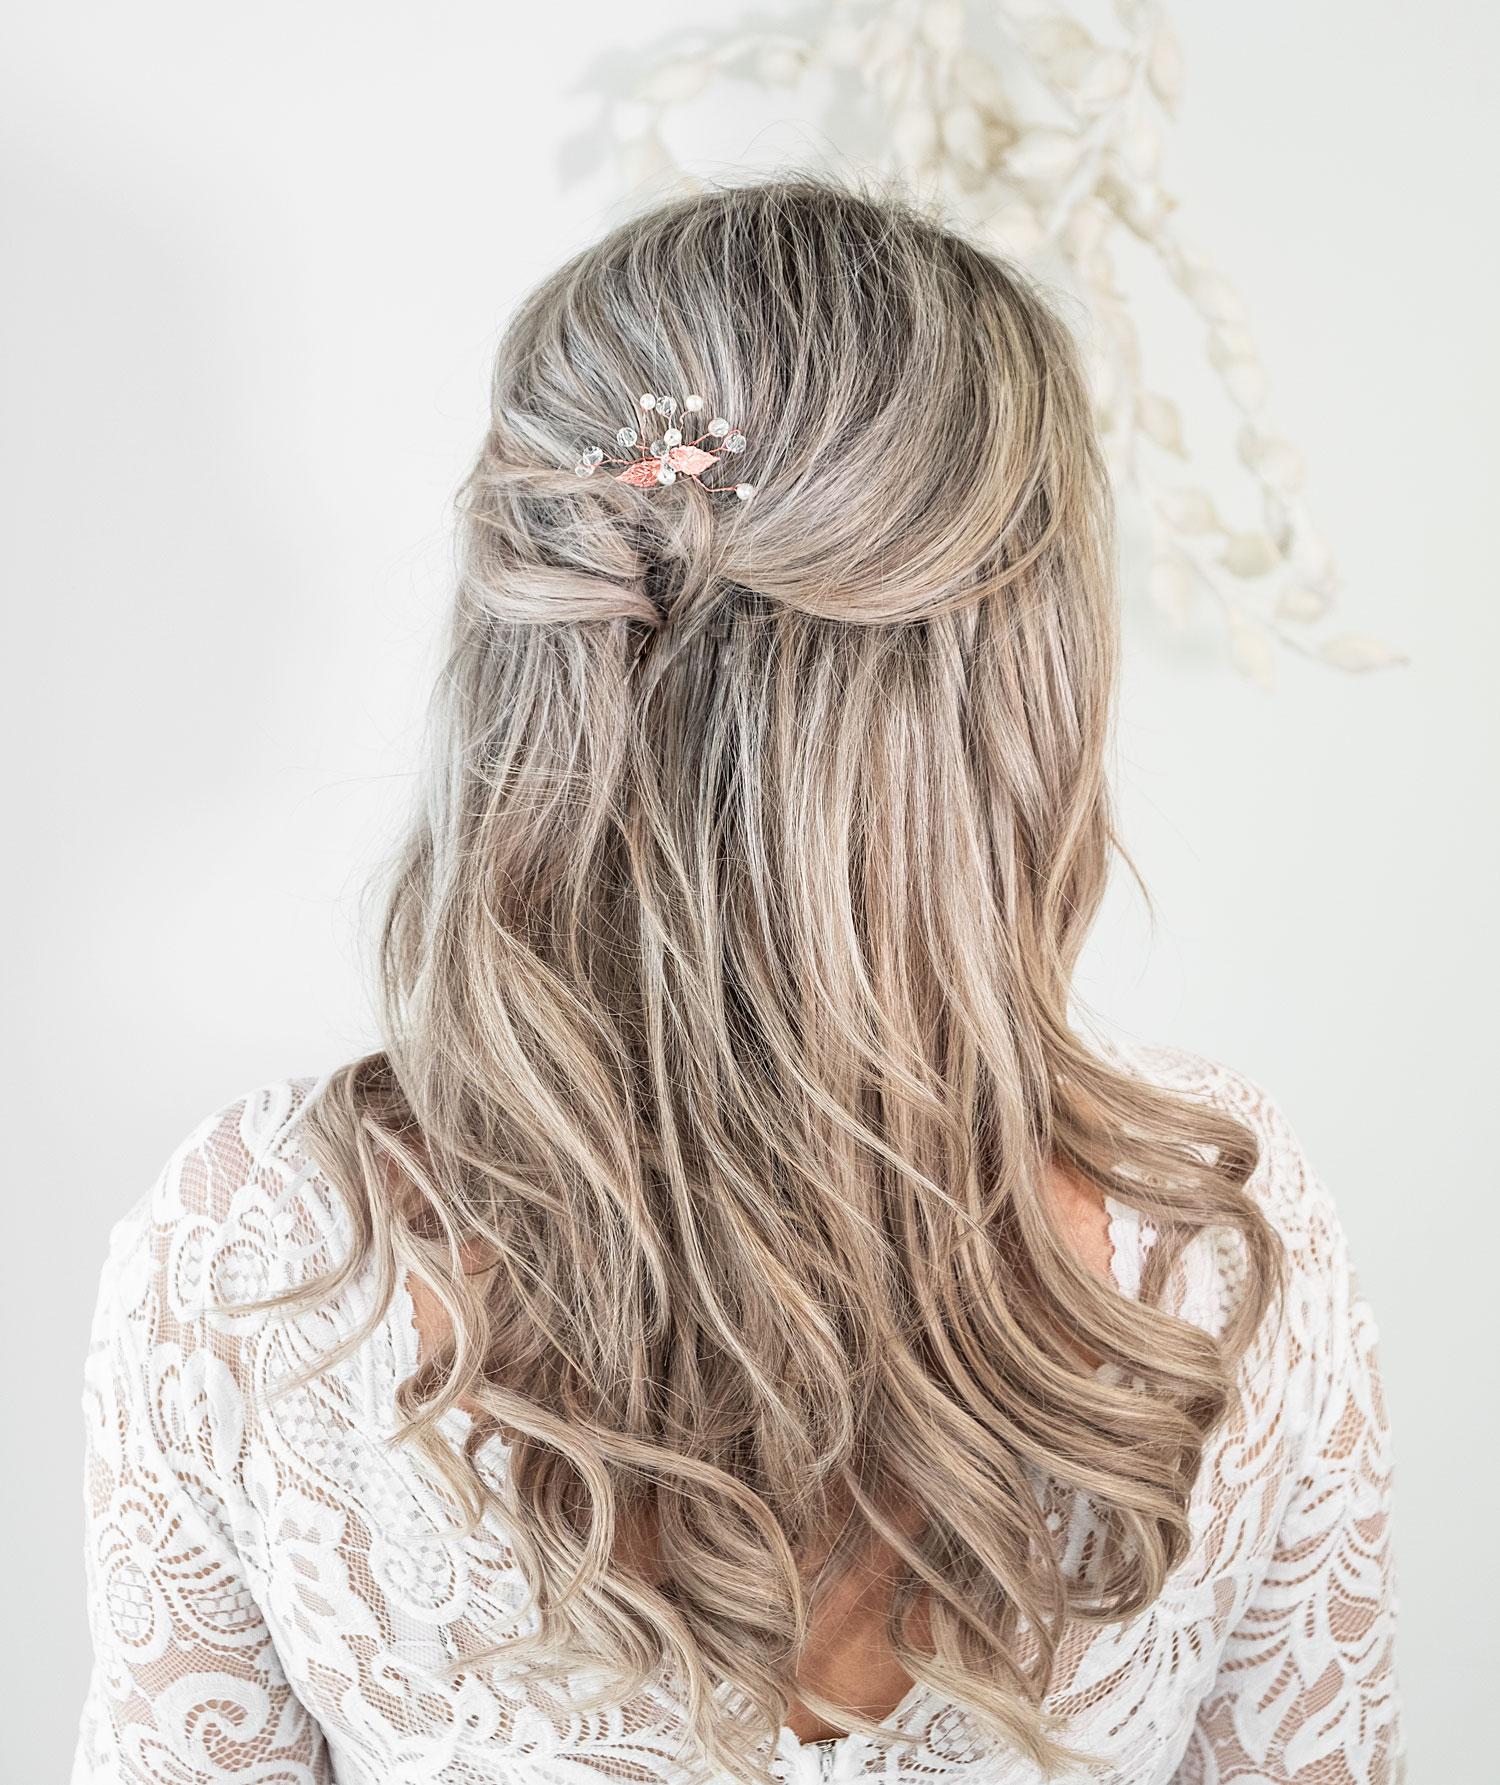 haaraccessoire voor de bruid in een rose gouden kleur